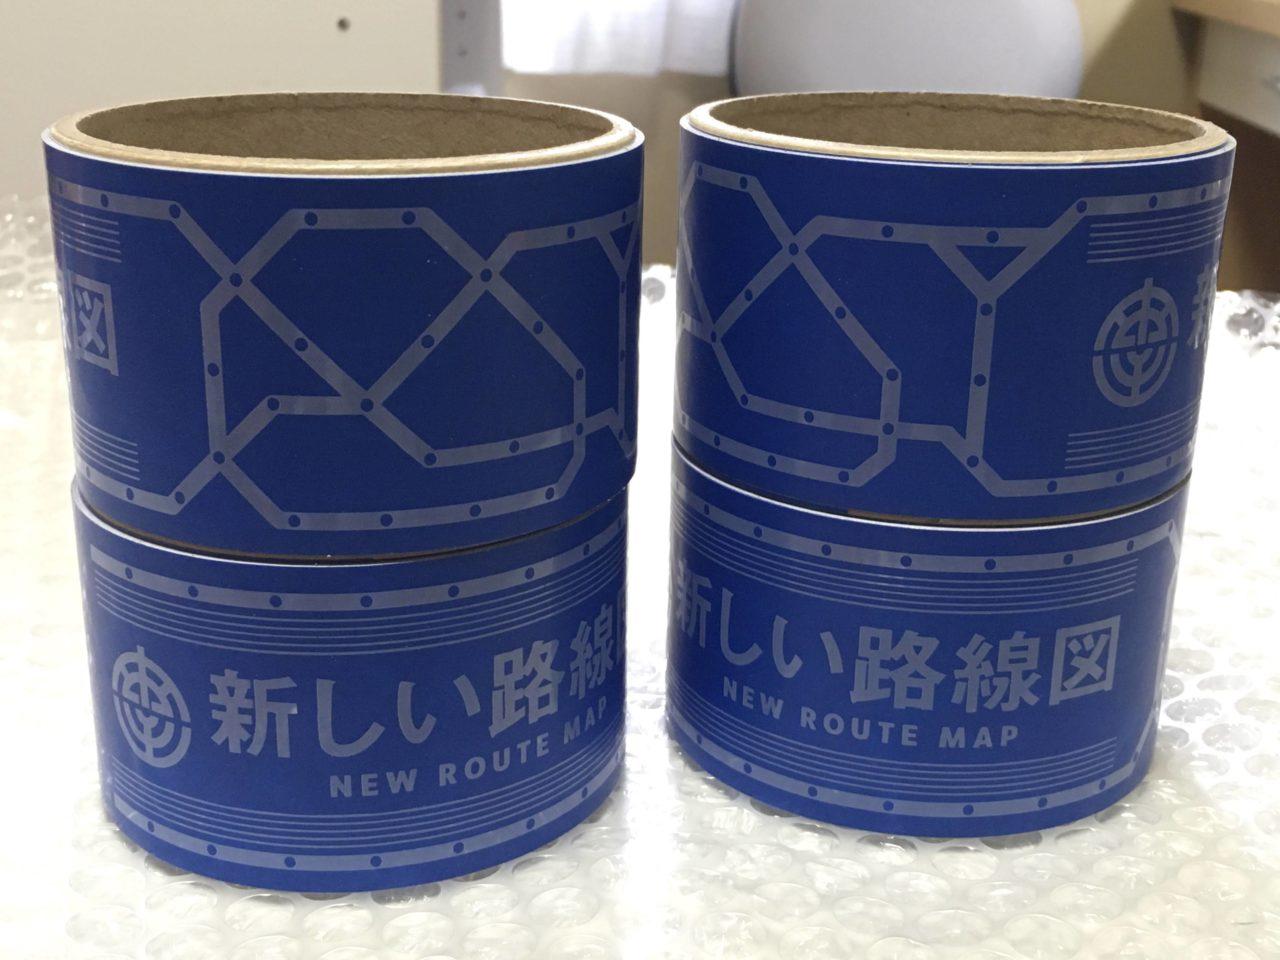 新しい路線図オリジナルのテープ